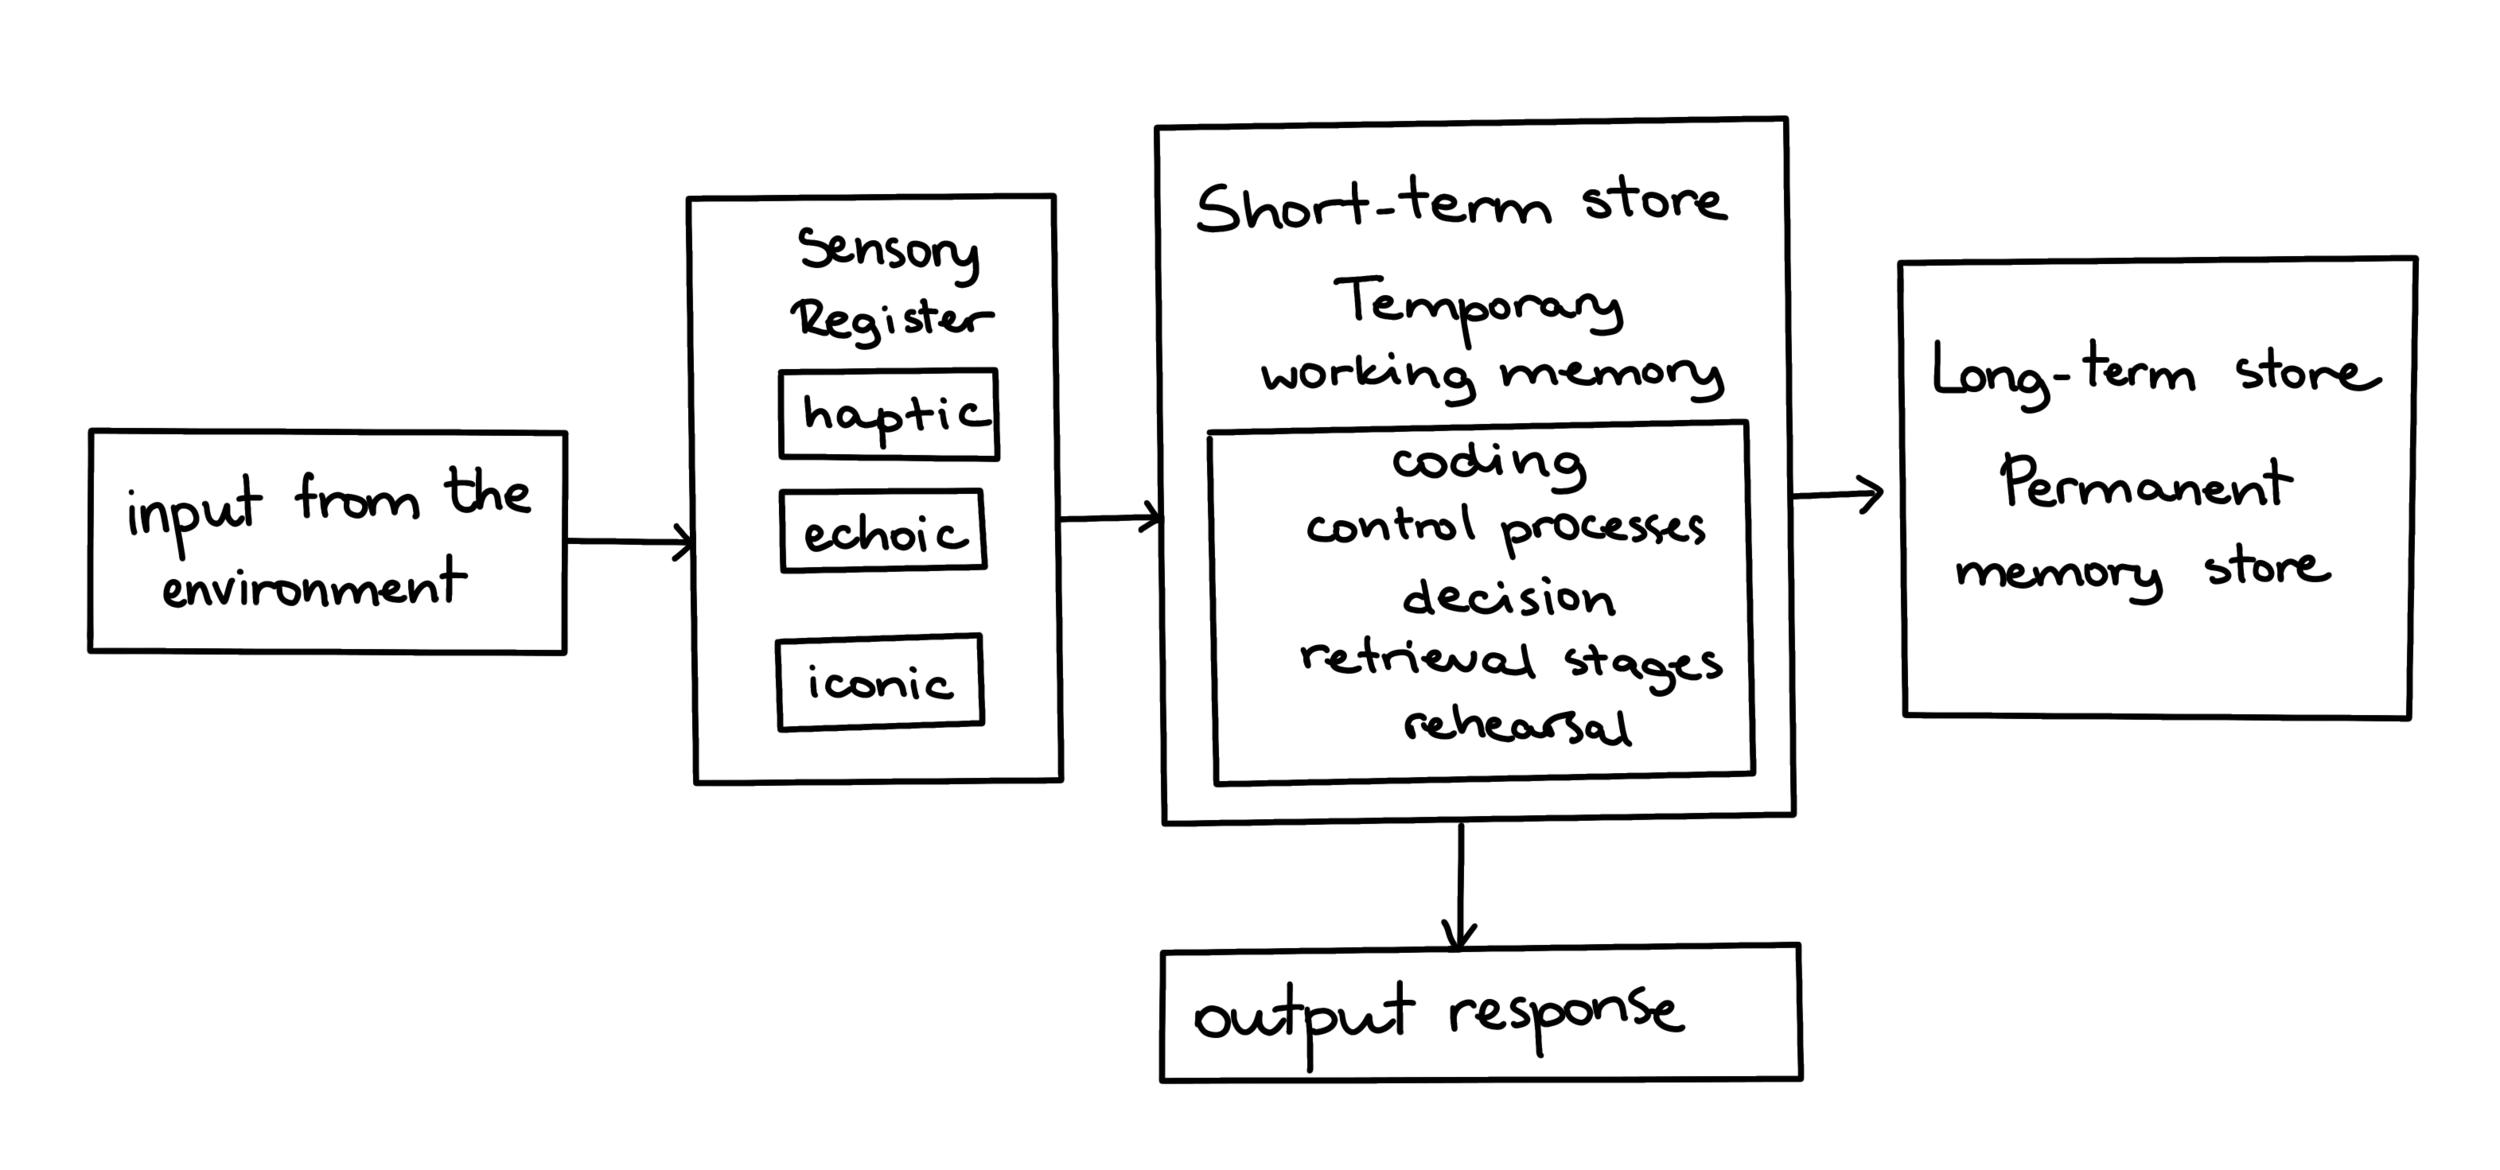 MemoryModel1.png